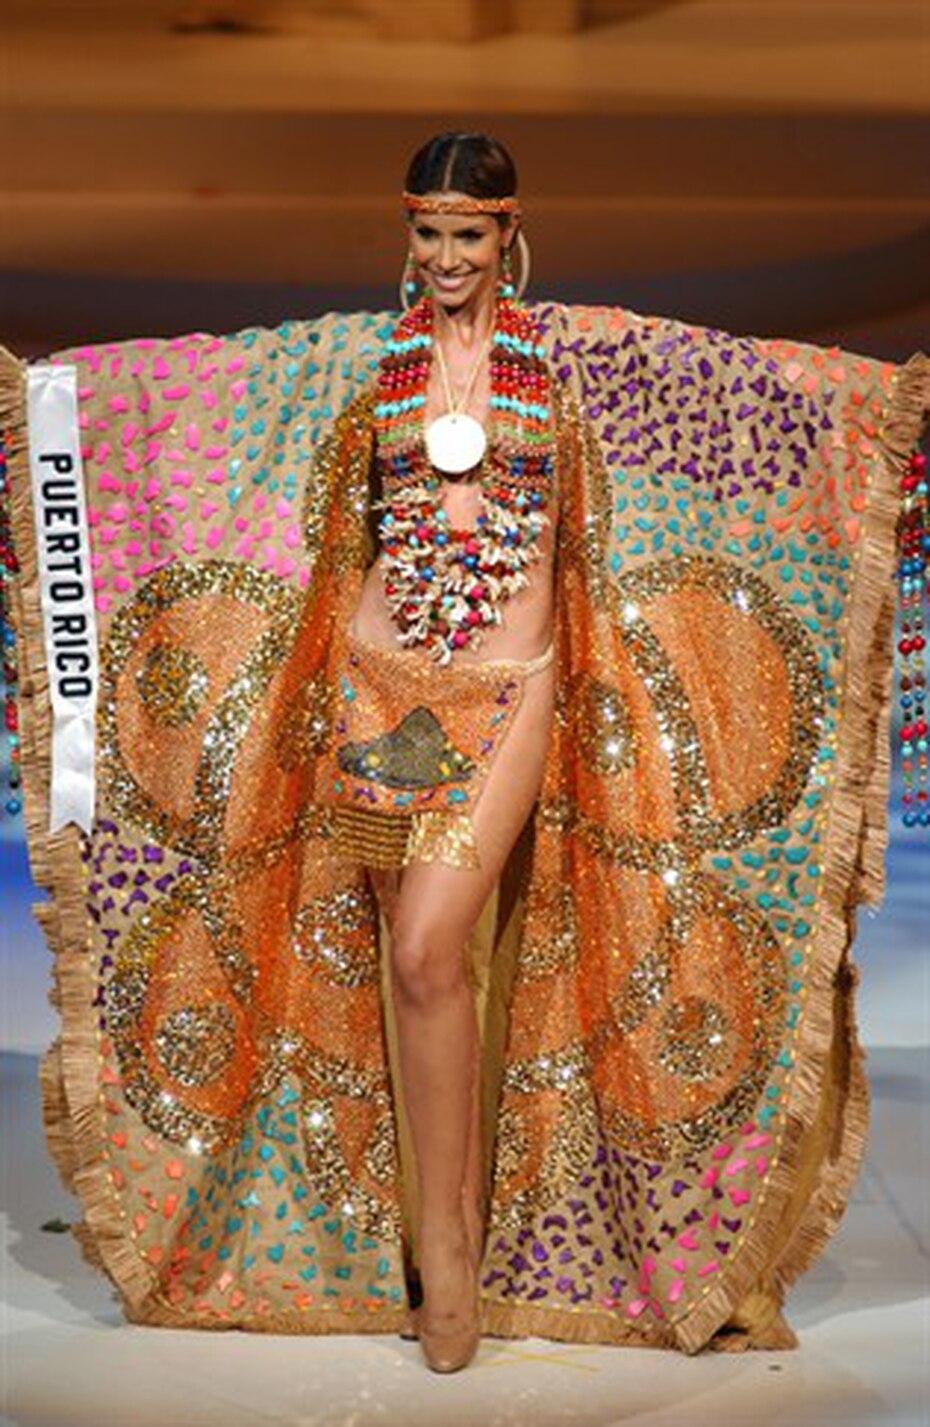 Alba Reyes, Miss Universe Puerto Rico 2004 nos transportó a la época indígena con su diseño. Reyes logró entrar en los diez mejores vestidos típicos de ese año.  (Archivo)